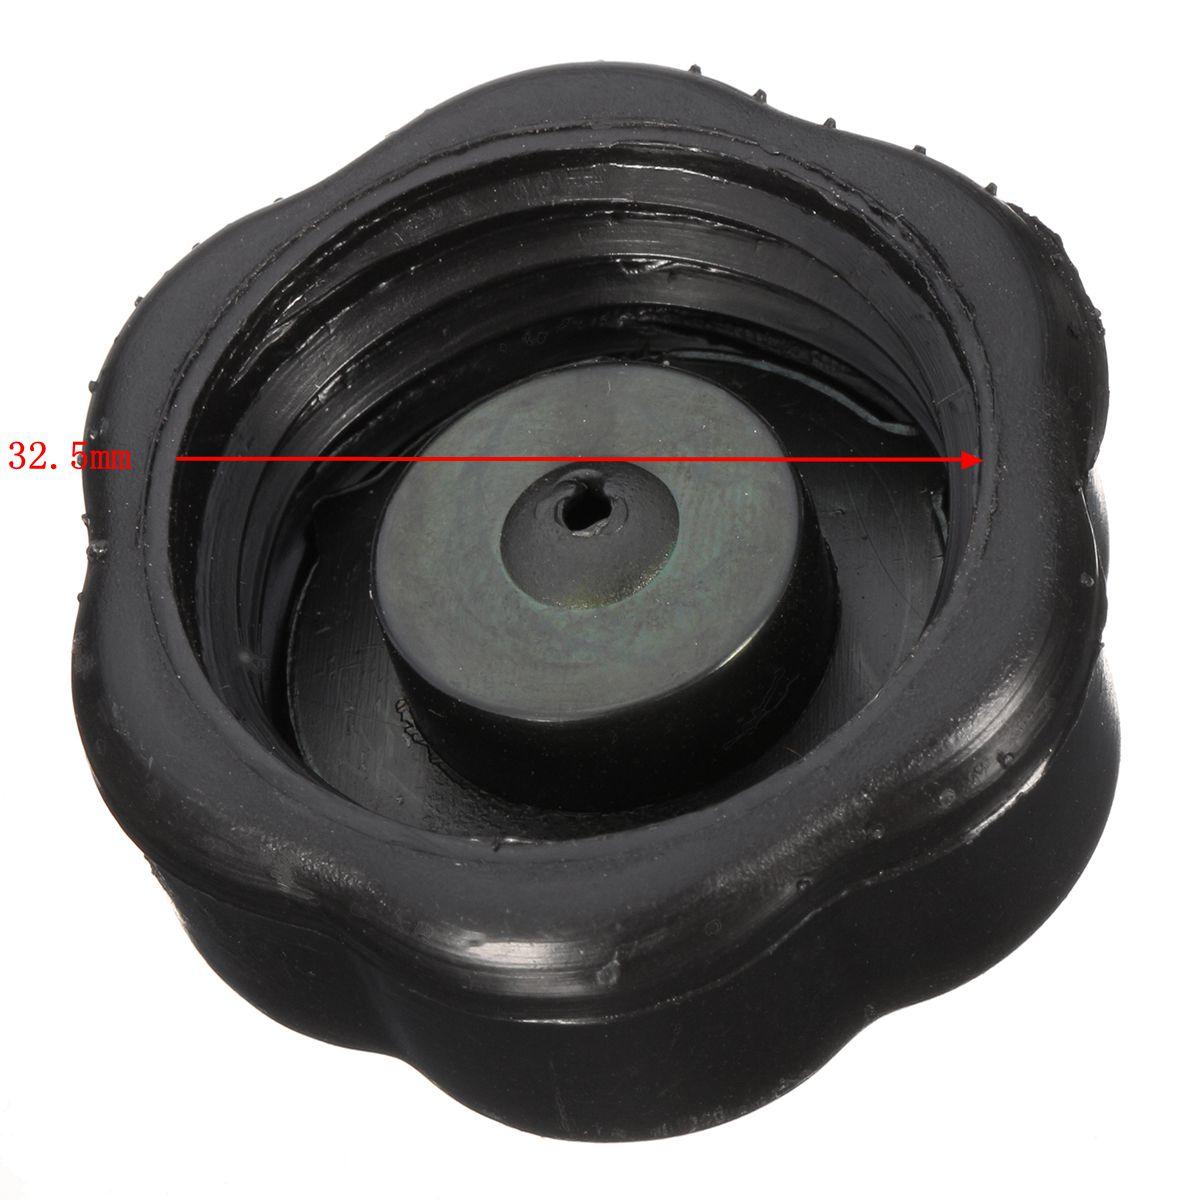 hight resolution of fuel gas tank cap for 50cc 70cc 90cc 110cc 125cc atv quad 4 wheeler taotao